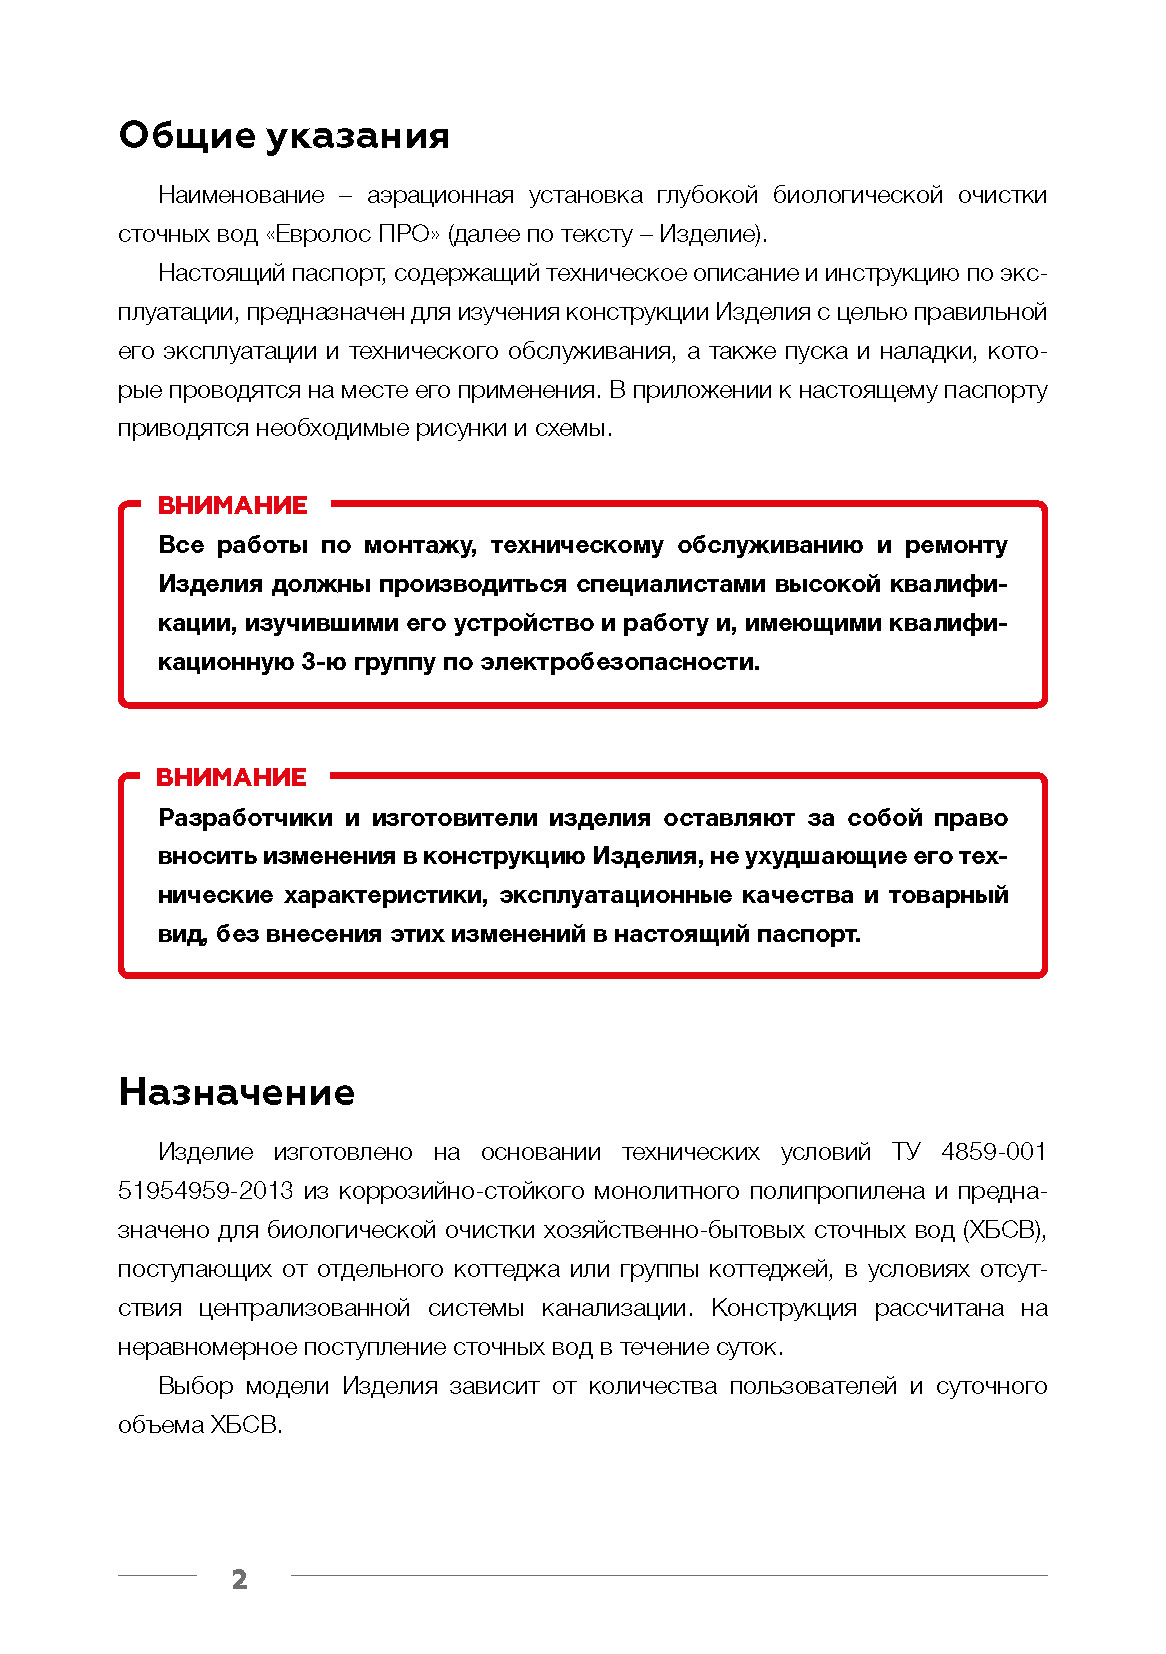 Технический паспорт Евролос Про_Страница_04